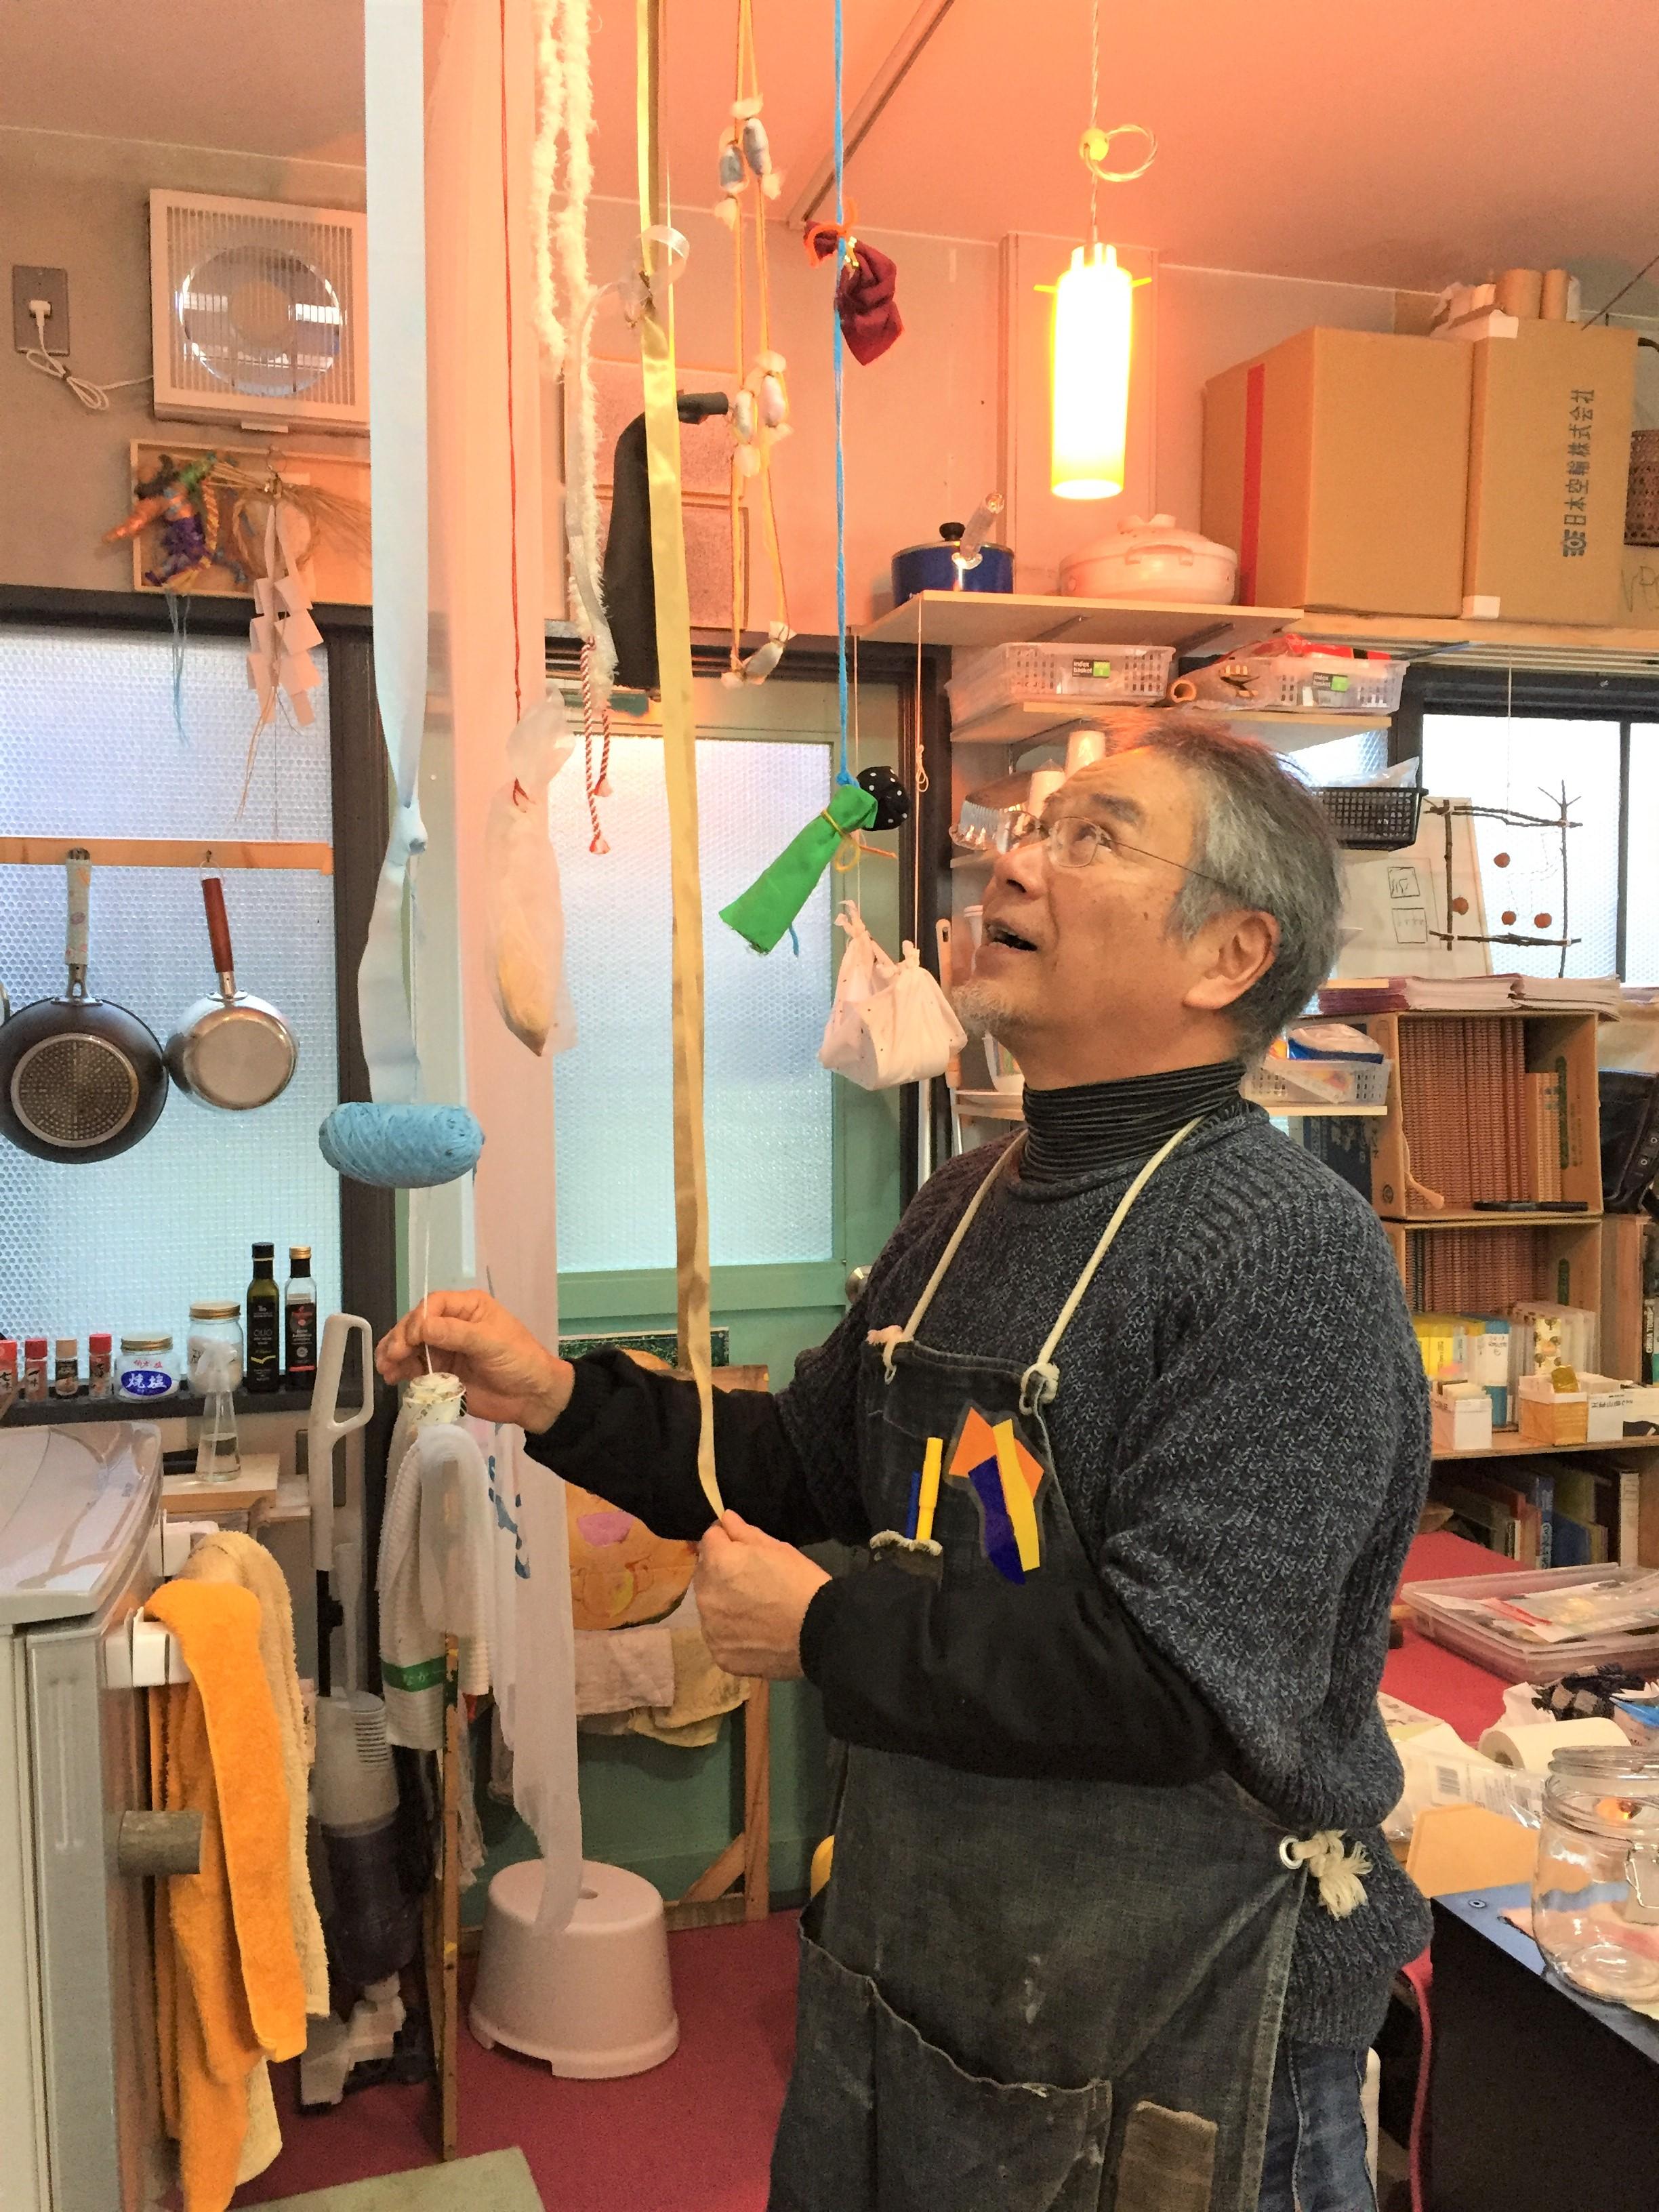 キャプション:京都にある水野さんのアトリエ「み塾」。子どもや高齢者と一緒につくった作品が所狭しと展示してある。